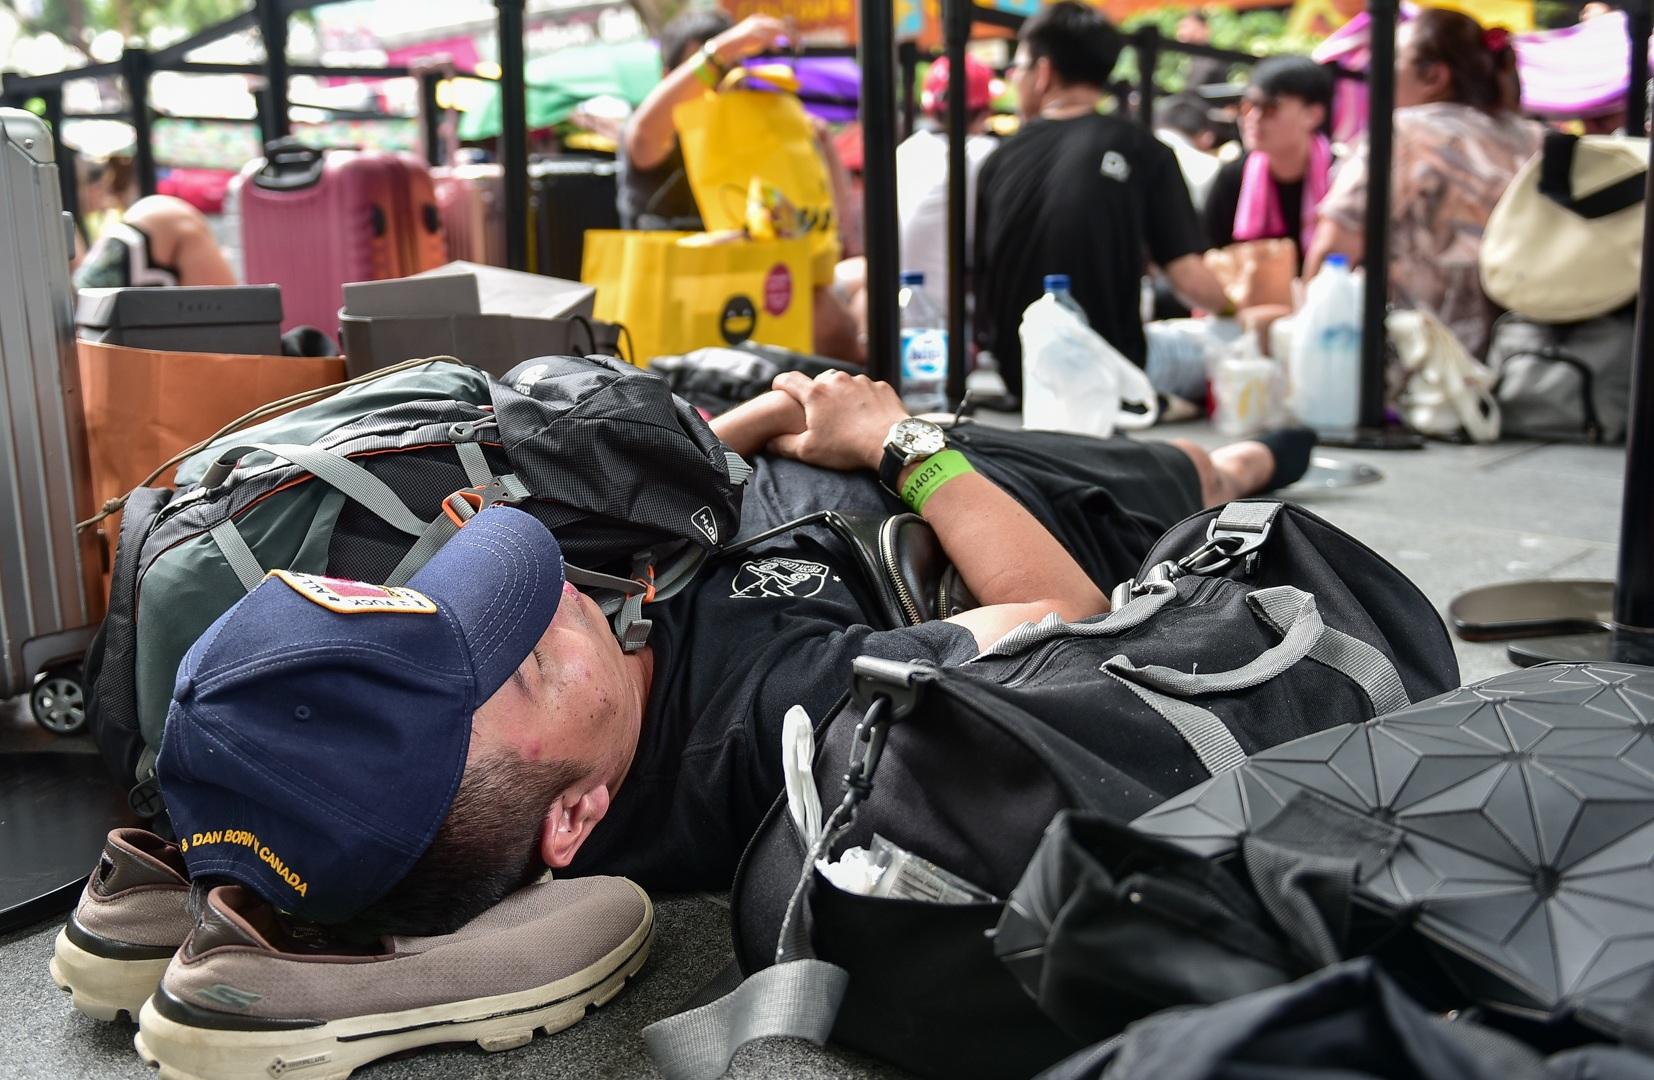 Tường thuật từ Singapore: Cả ngàn người ăn chực nằm chờ iPhone 11 - 17